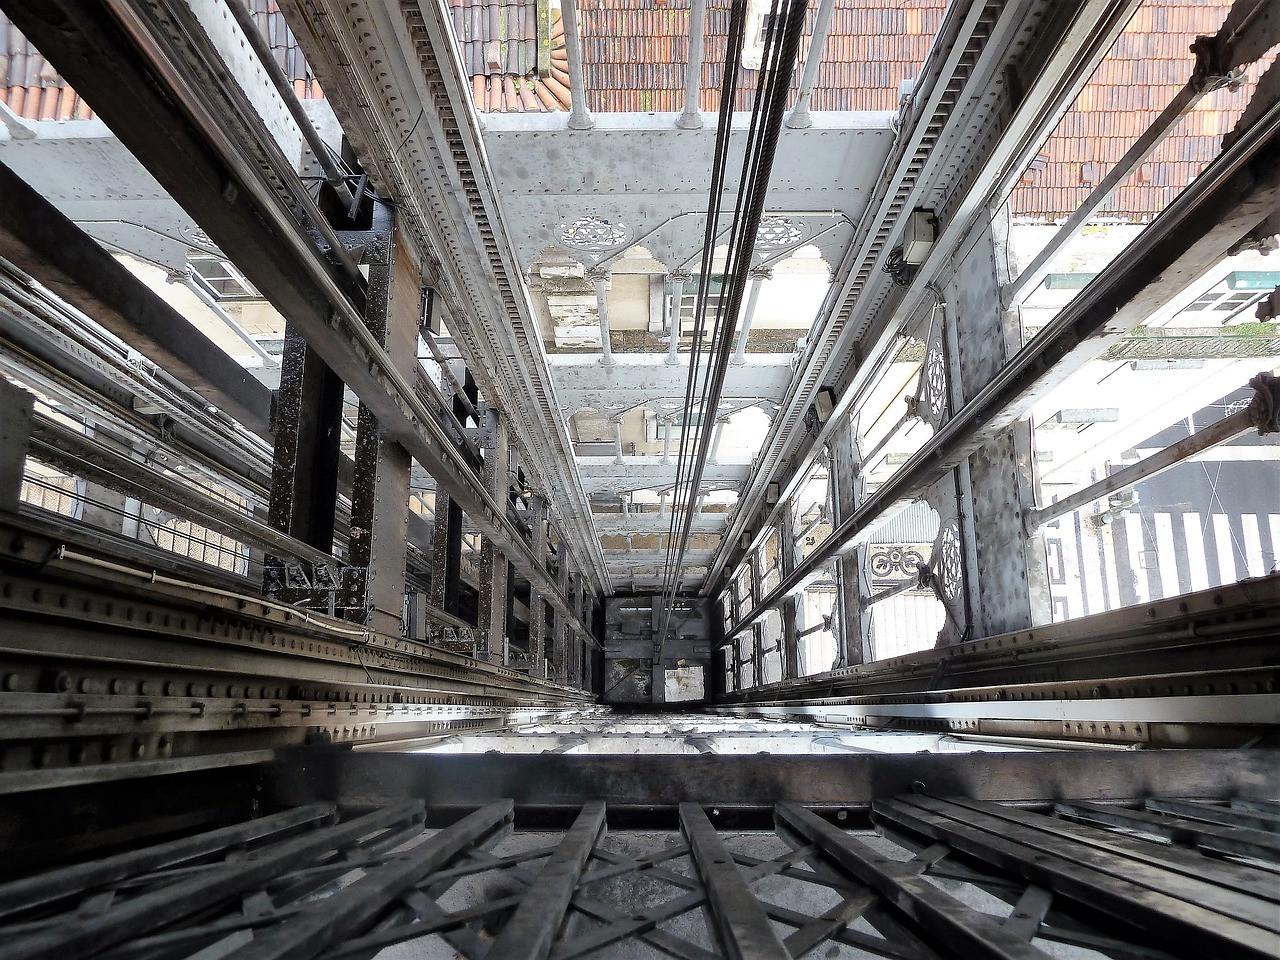 Javni poziv zajednicama etažinih vlasnika za sufinansiranje radova na sanaciji liftova